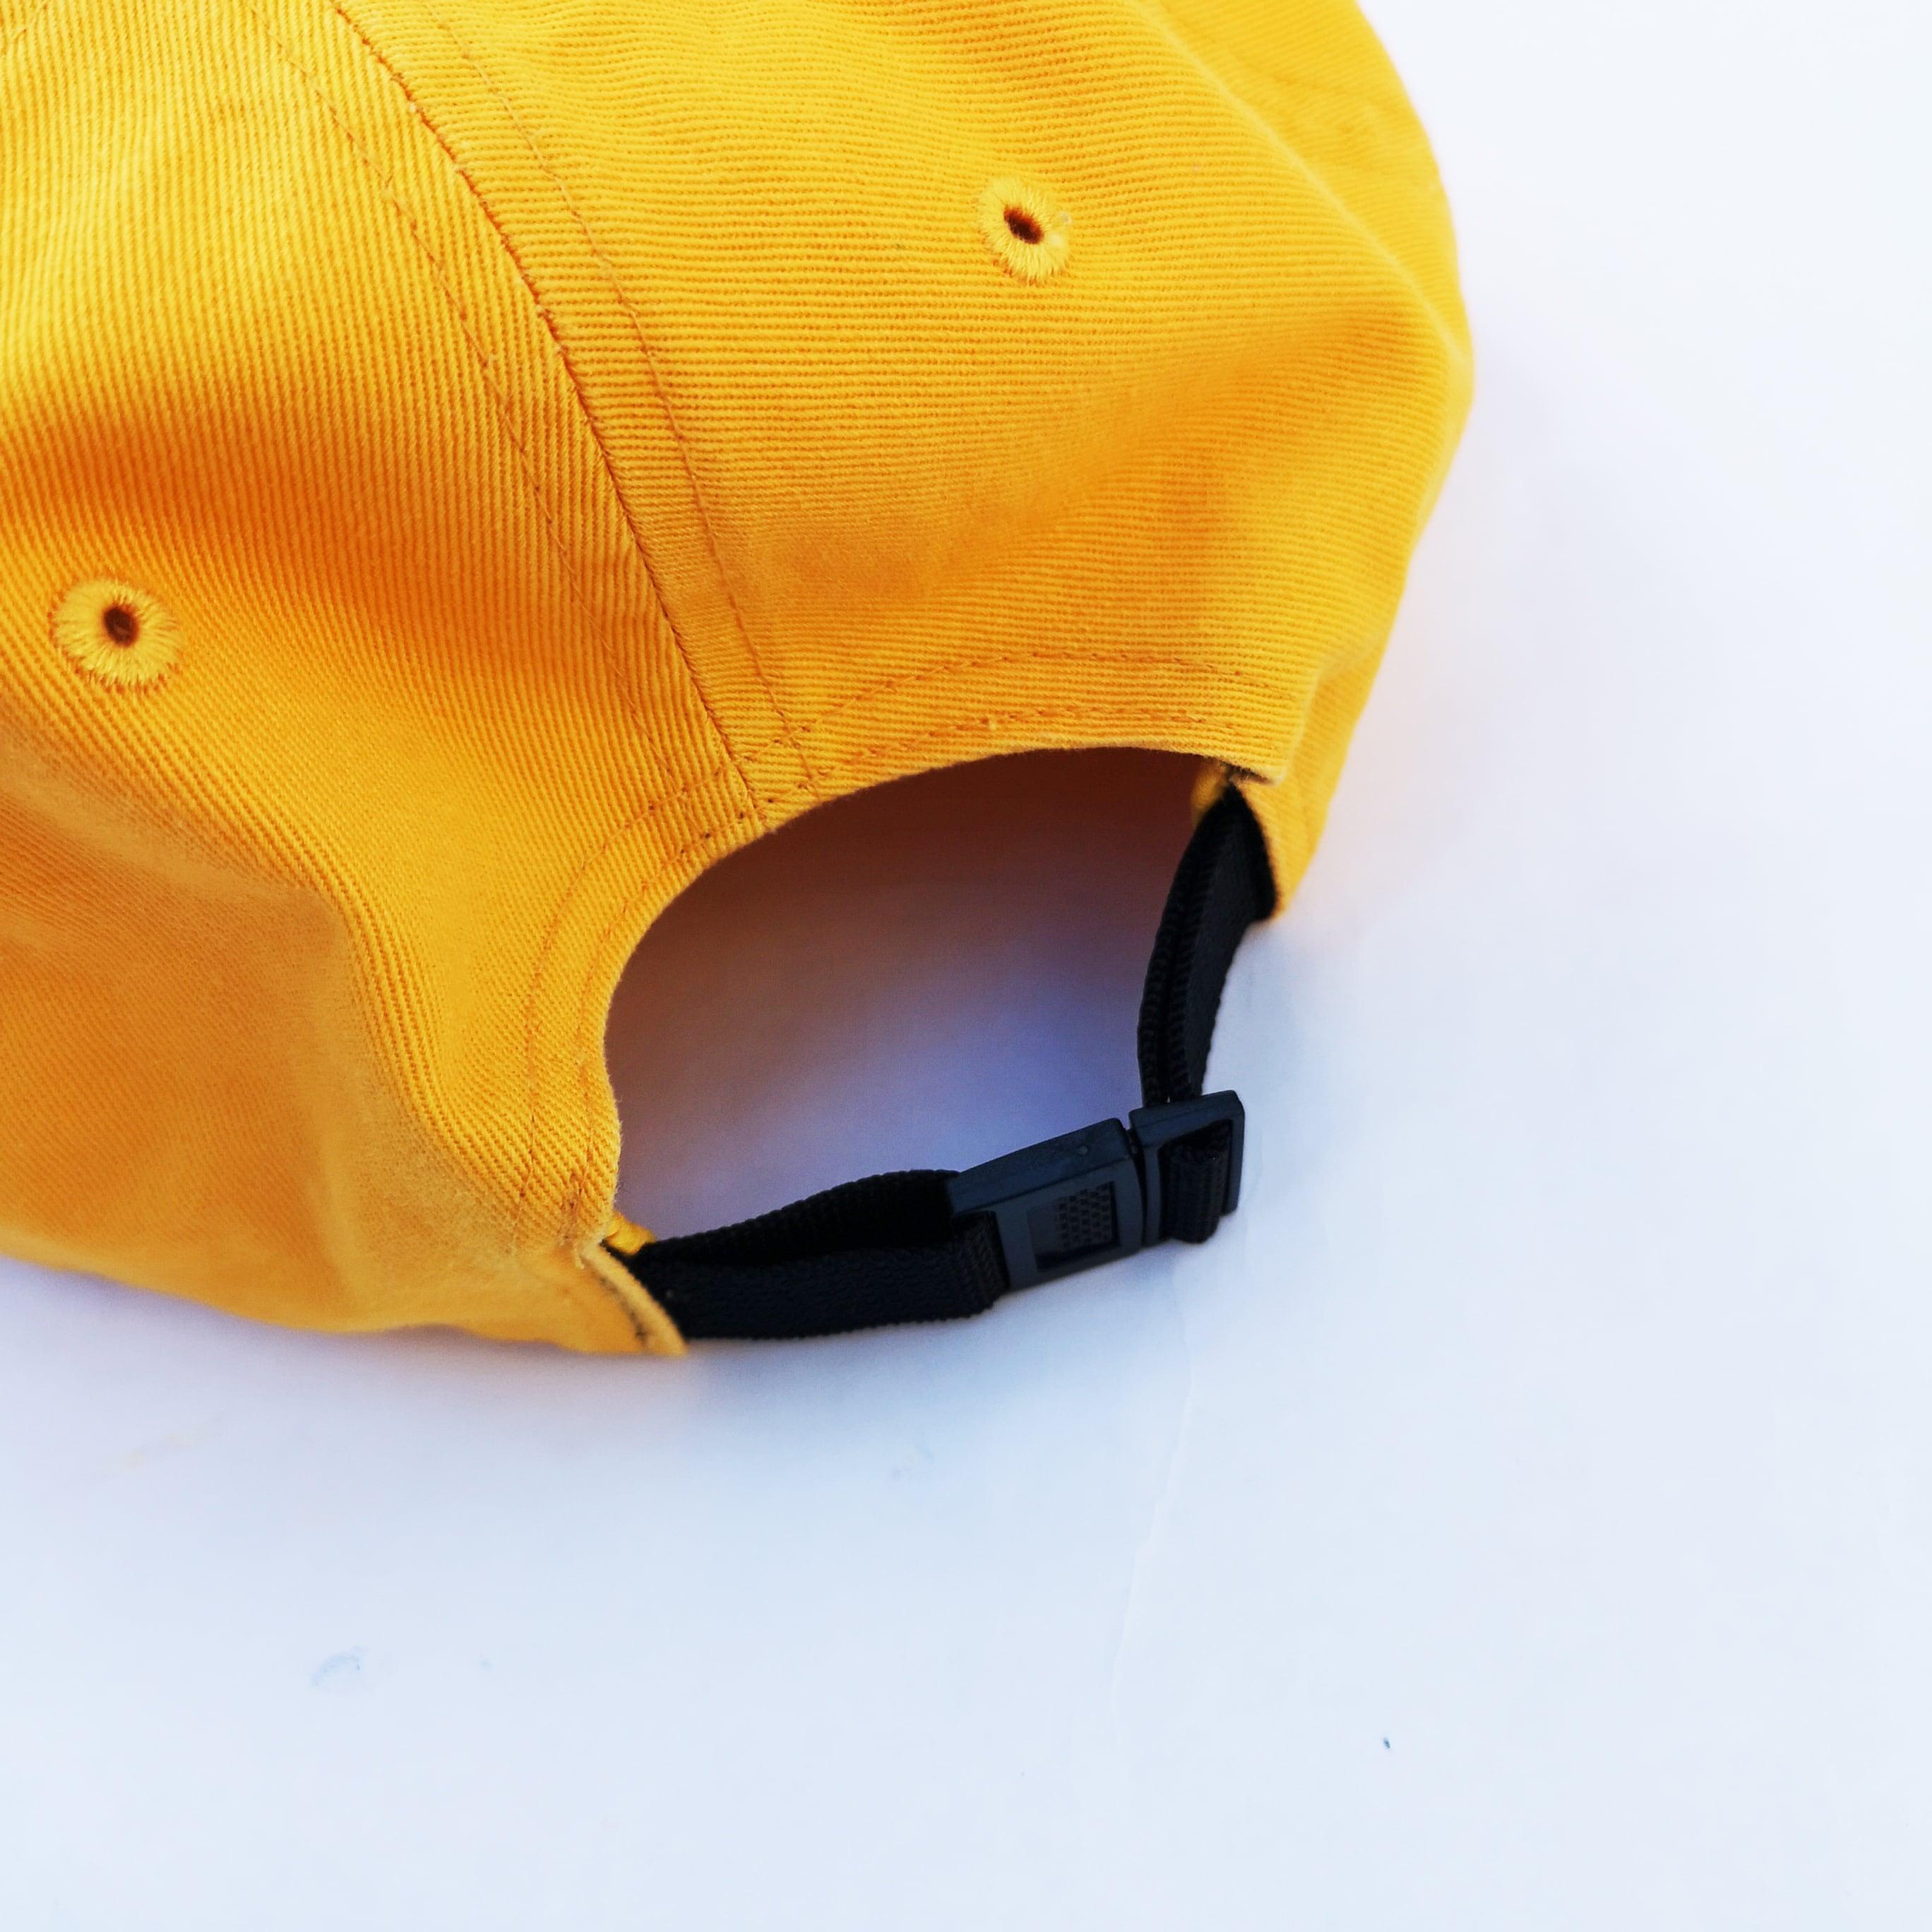 ||||| Dumb Friends CAP YELLOW, RED, GRAY, BEIGE